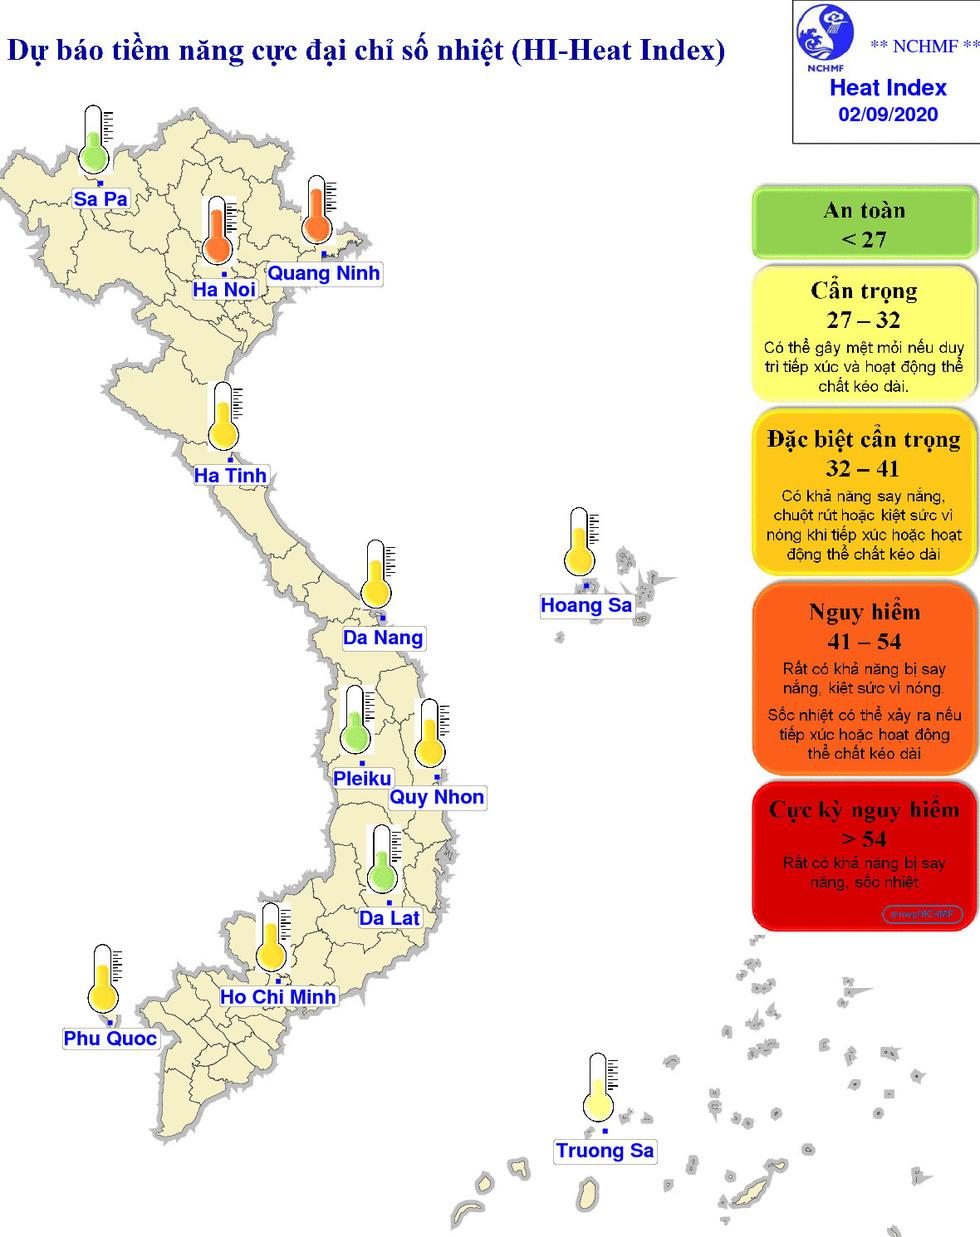 Bắc Bộ, Bắc Trung Bộ nắng nóng kéo dài đến 5-9, chỉ số tia UV ở mức có hại - Ảnh 3.